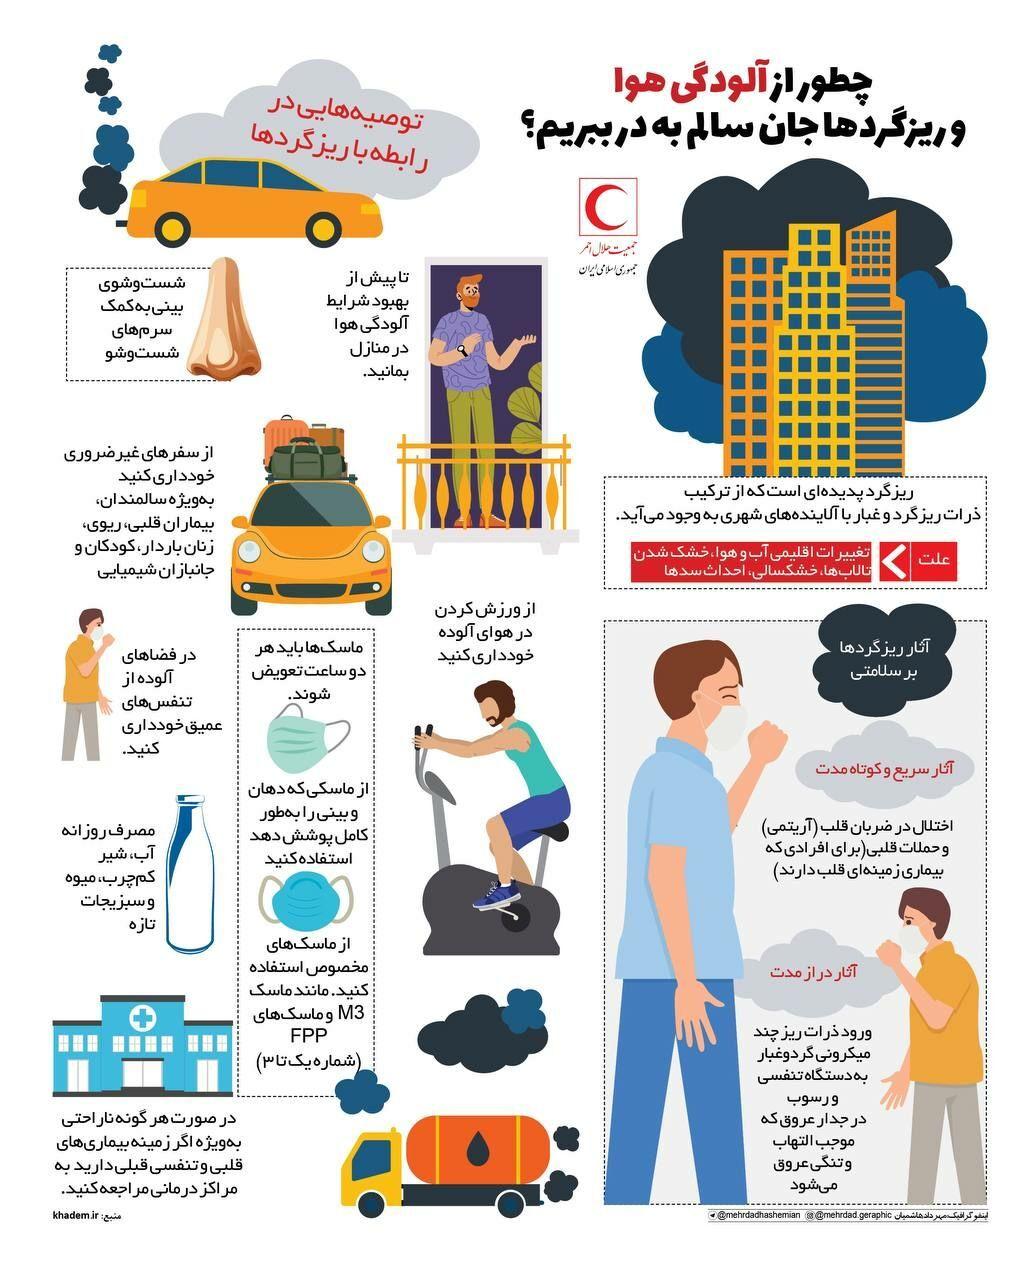 چطور از آلودگی هوا و ریزگردها جان سالم به در ببریم؟ / توصیههای هلال احمر برای مقابله با آلودگی هوا